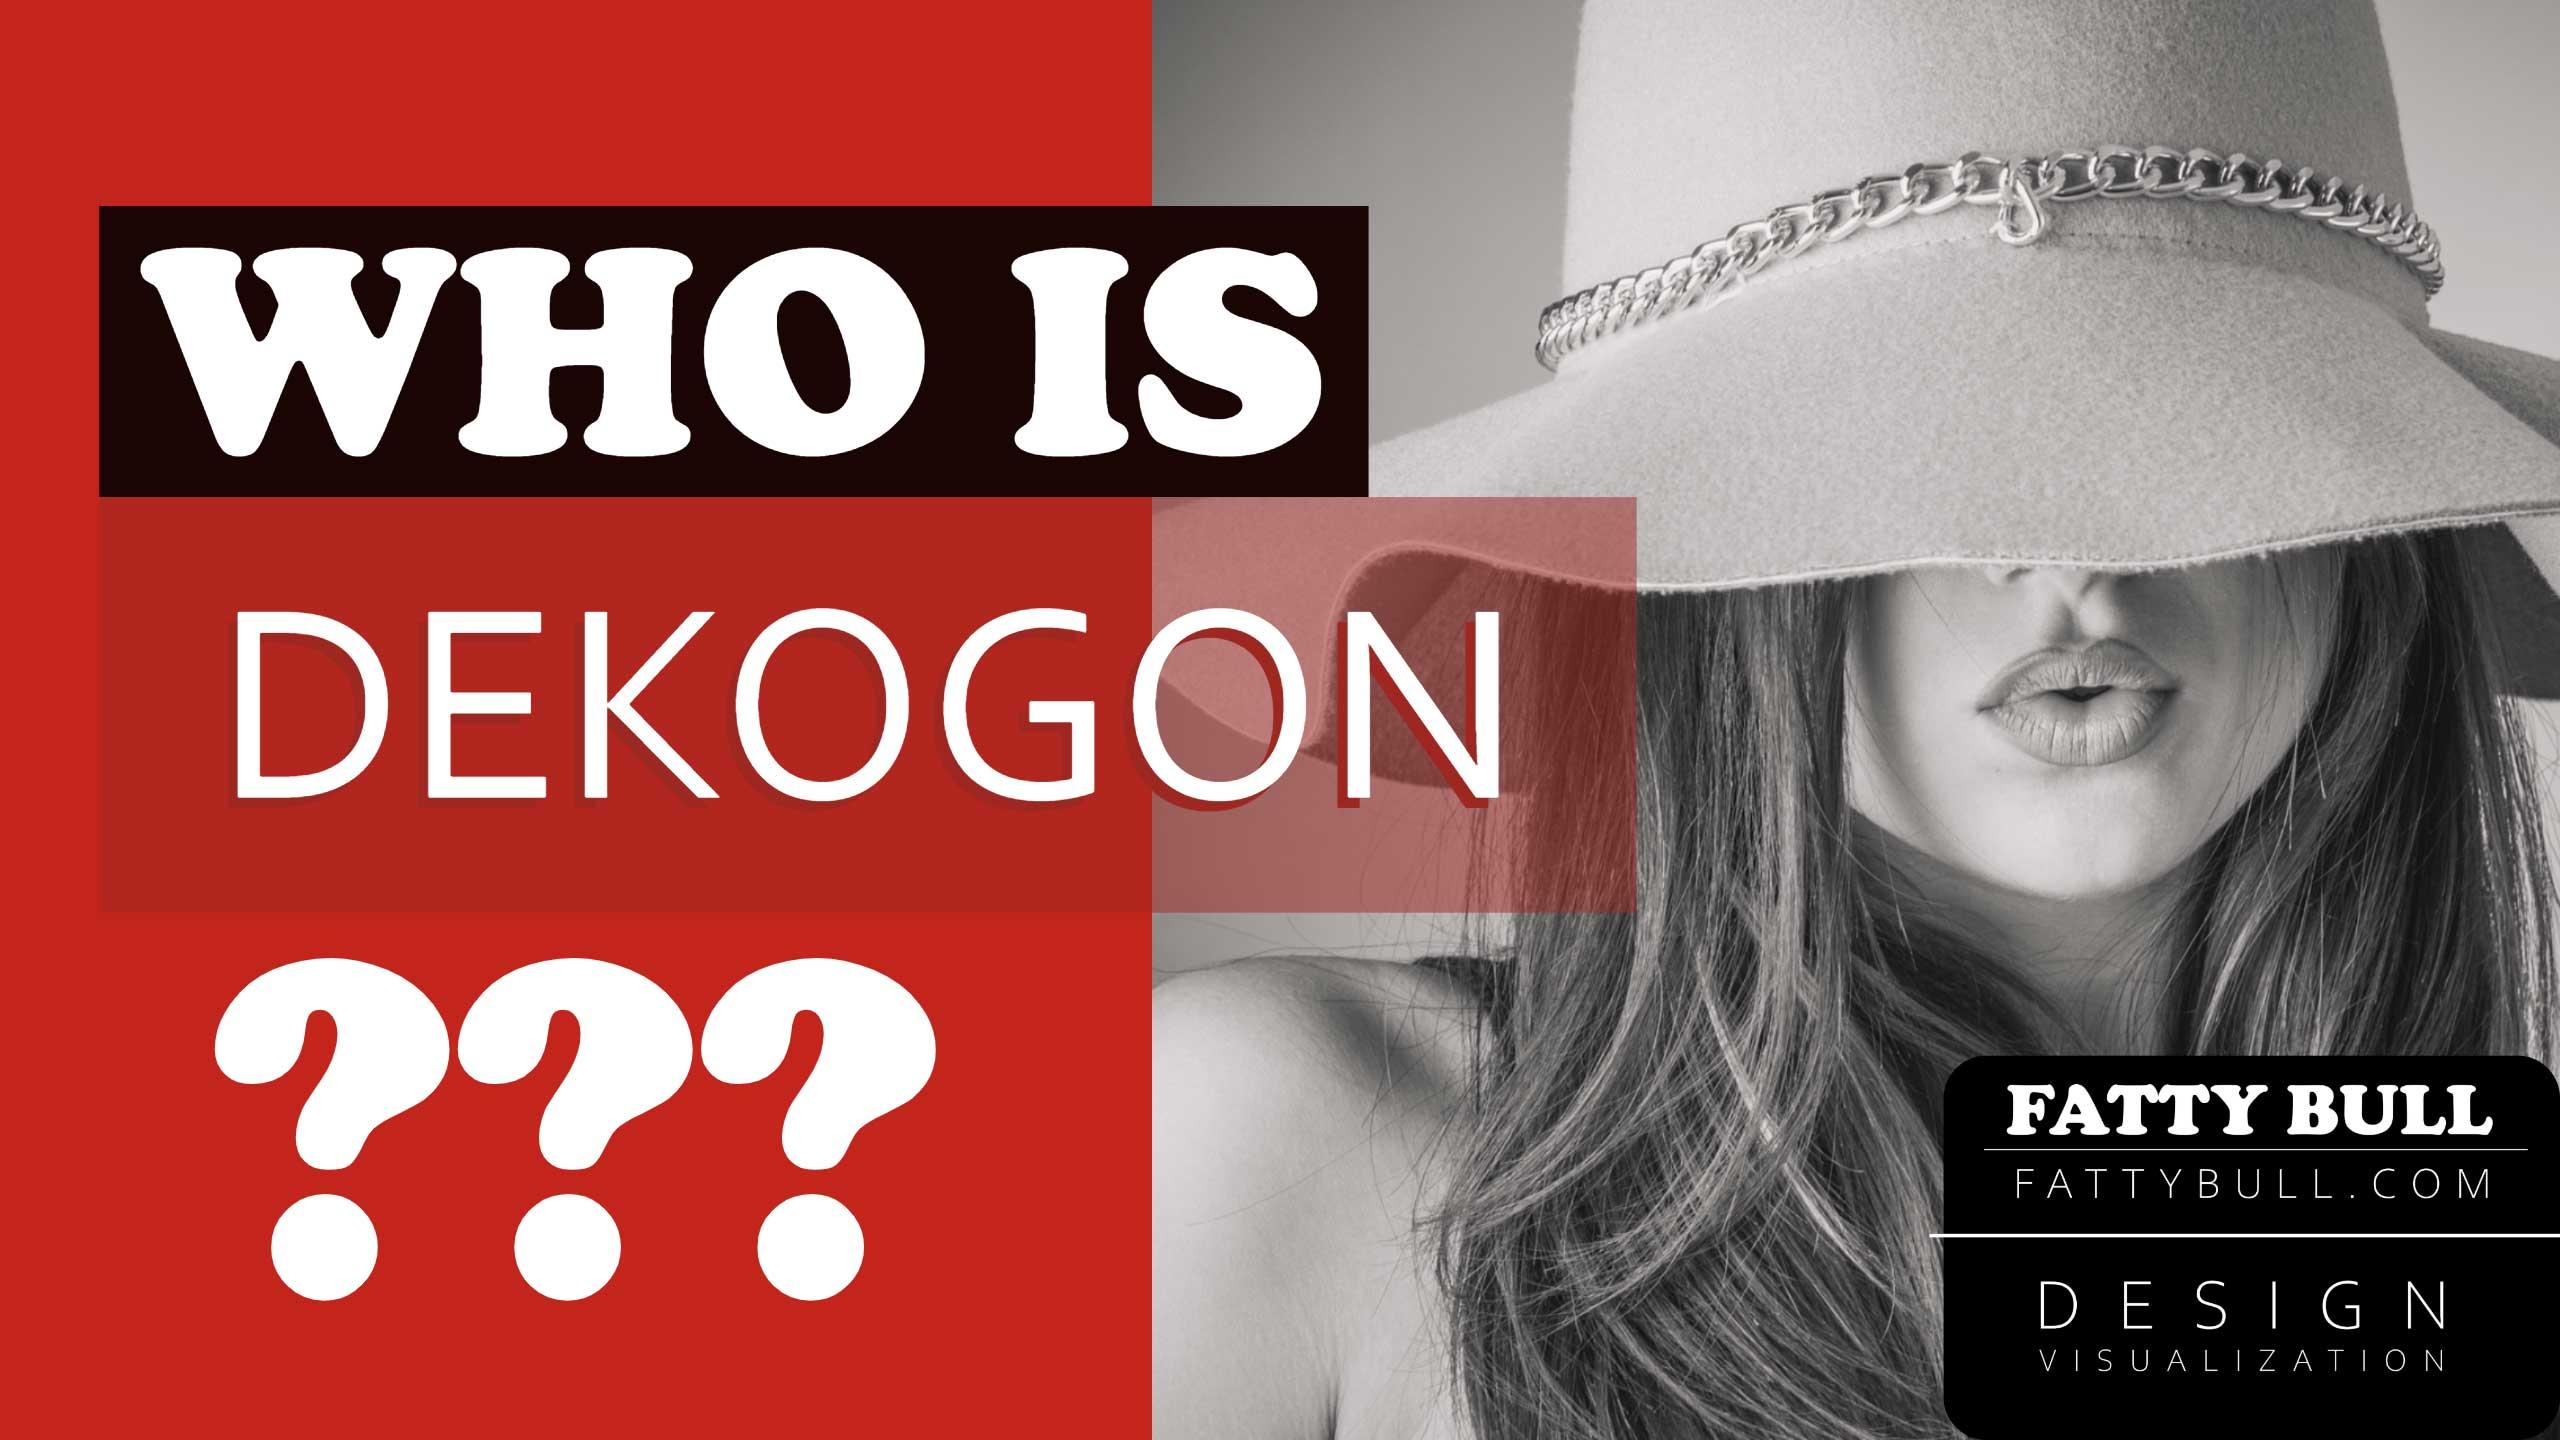 Who is Dekogon